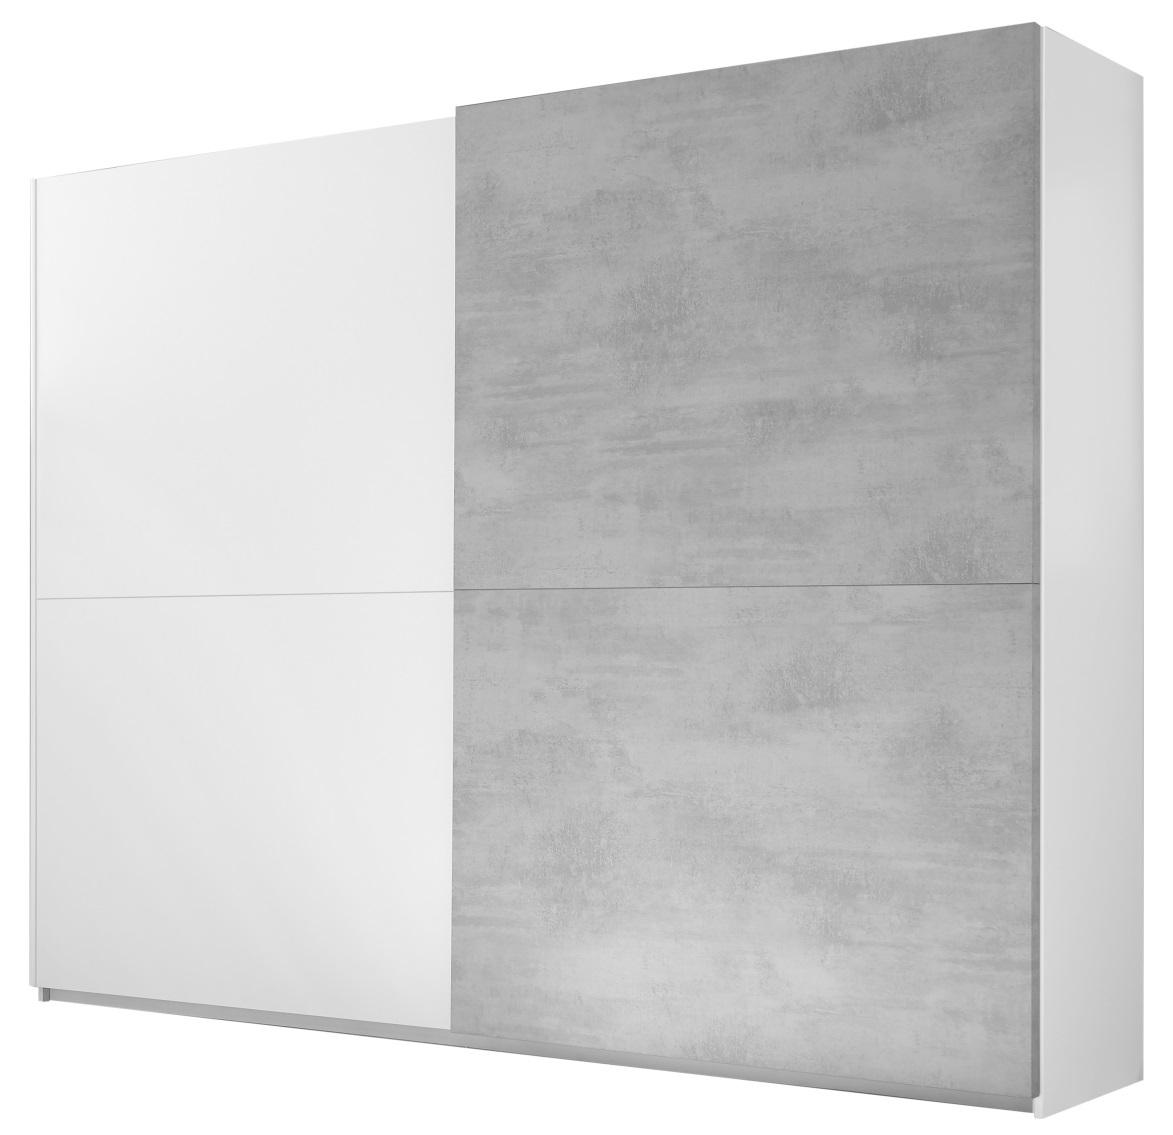 slaapkamerkast zweefdeurkast Amalti Full 275 cm breed in mat wit met grijs beton